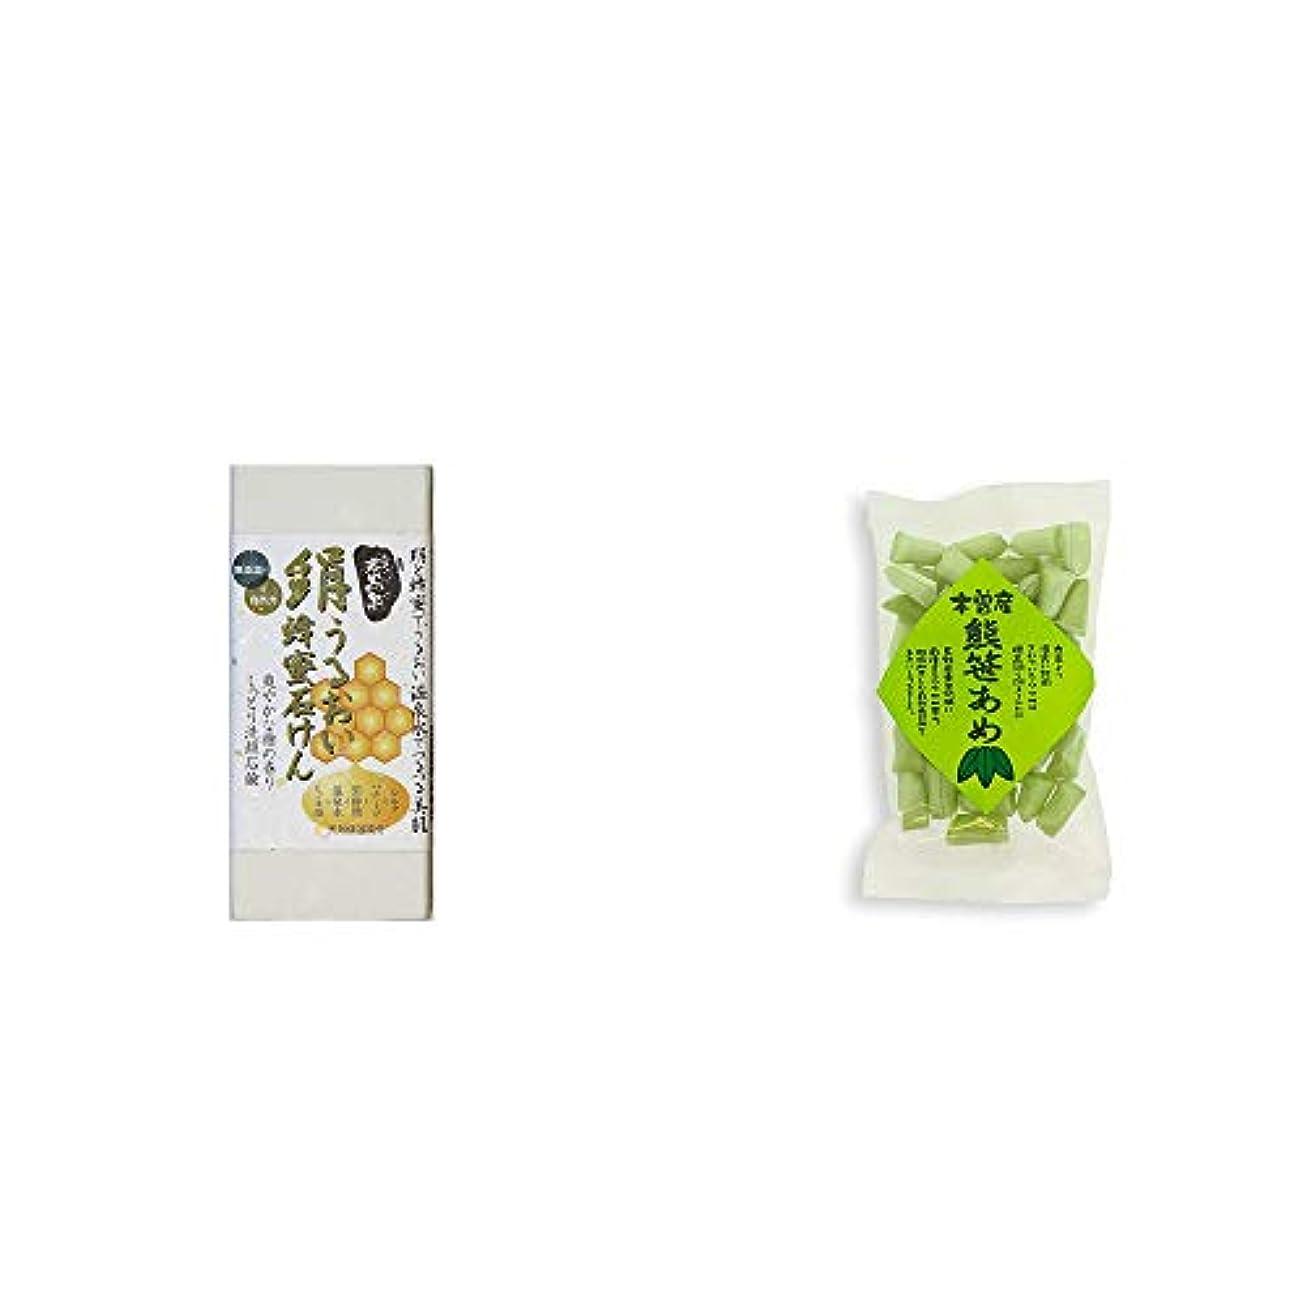 次失望レプリカ[2点セット] ひのき炭黒泉 絹うるおい蜂蜜石けん(75g×2)?木曽産 熊笹あめ(100g)